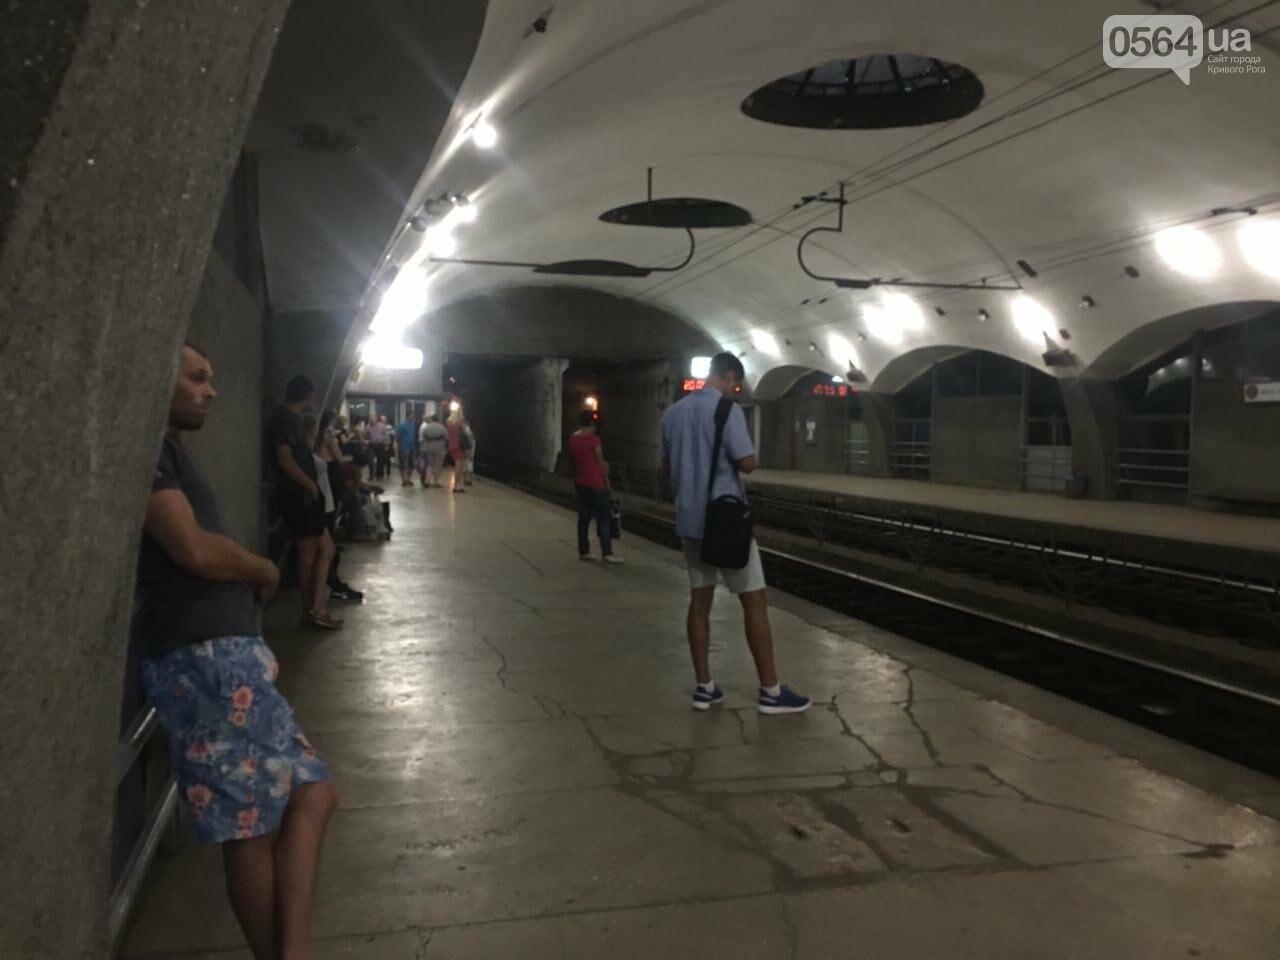 """В Кривом Роге со """"скоростным"""" снова проблемы - трамваи курсируют по одной колее, - ФОТО, фото-3"""